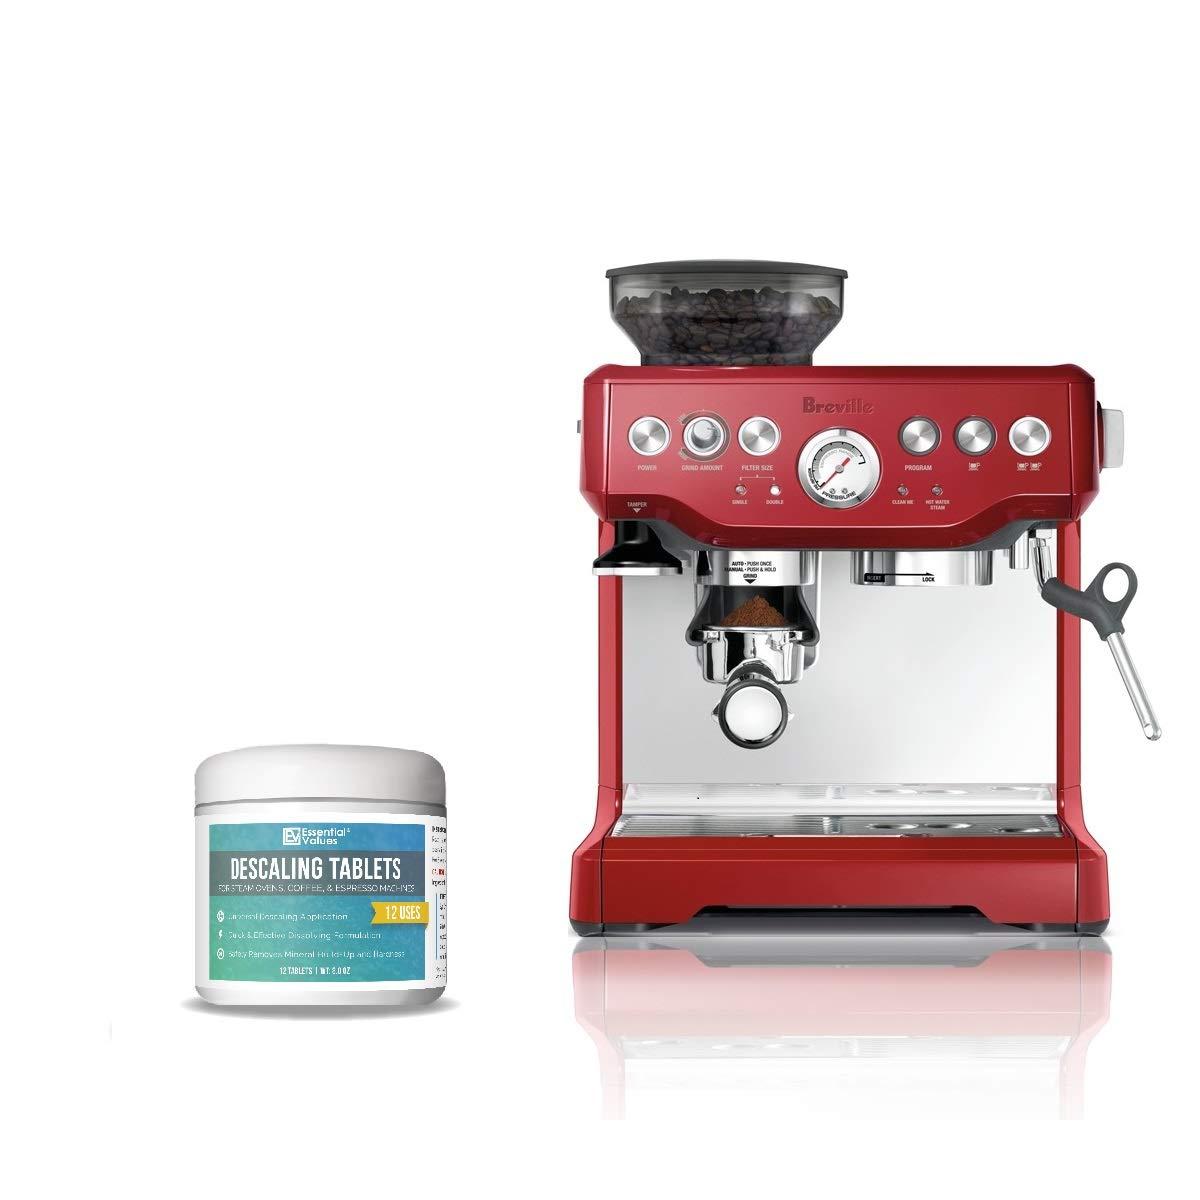 Essential Values Desincrustantes para Máquinas de Espresso, Jura, Miele, Bosch, Tassimo y hornos de Vapor de Miele - 6 usos Paquete de 12 Blanco: Amazon.es: Hogar